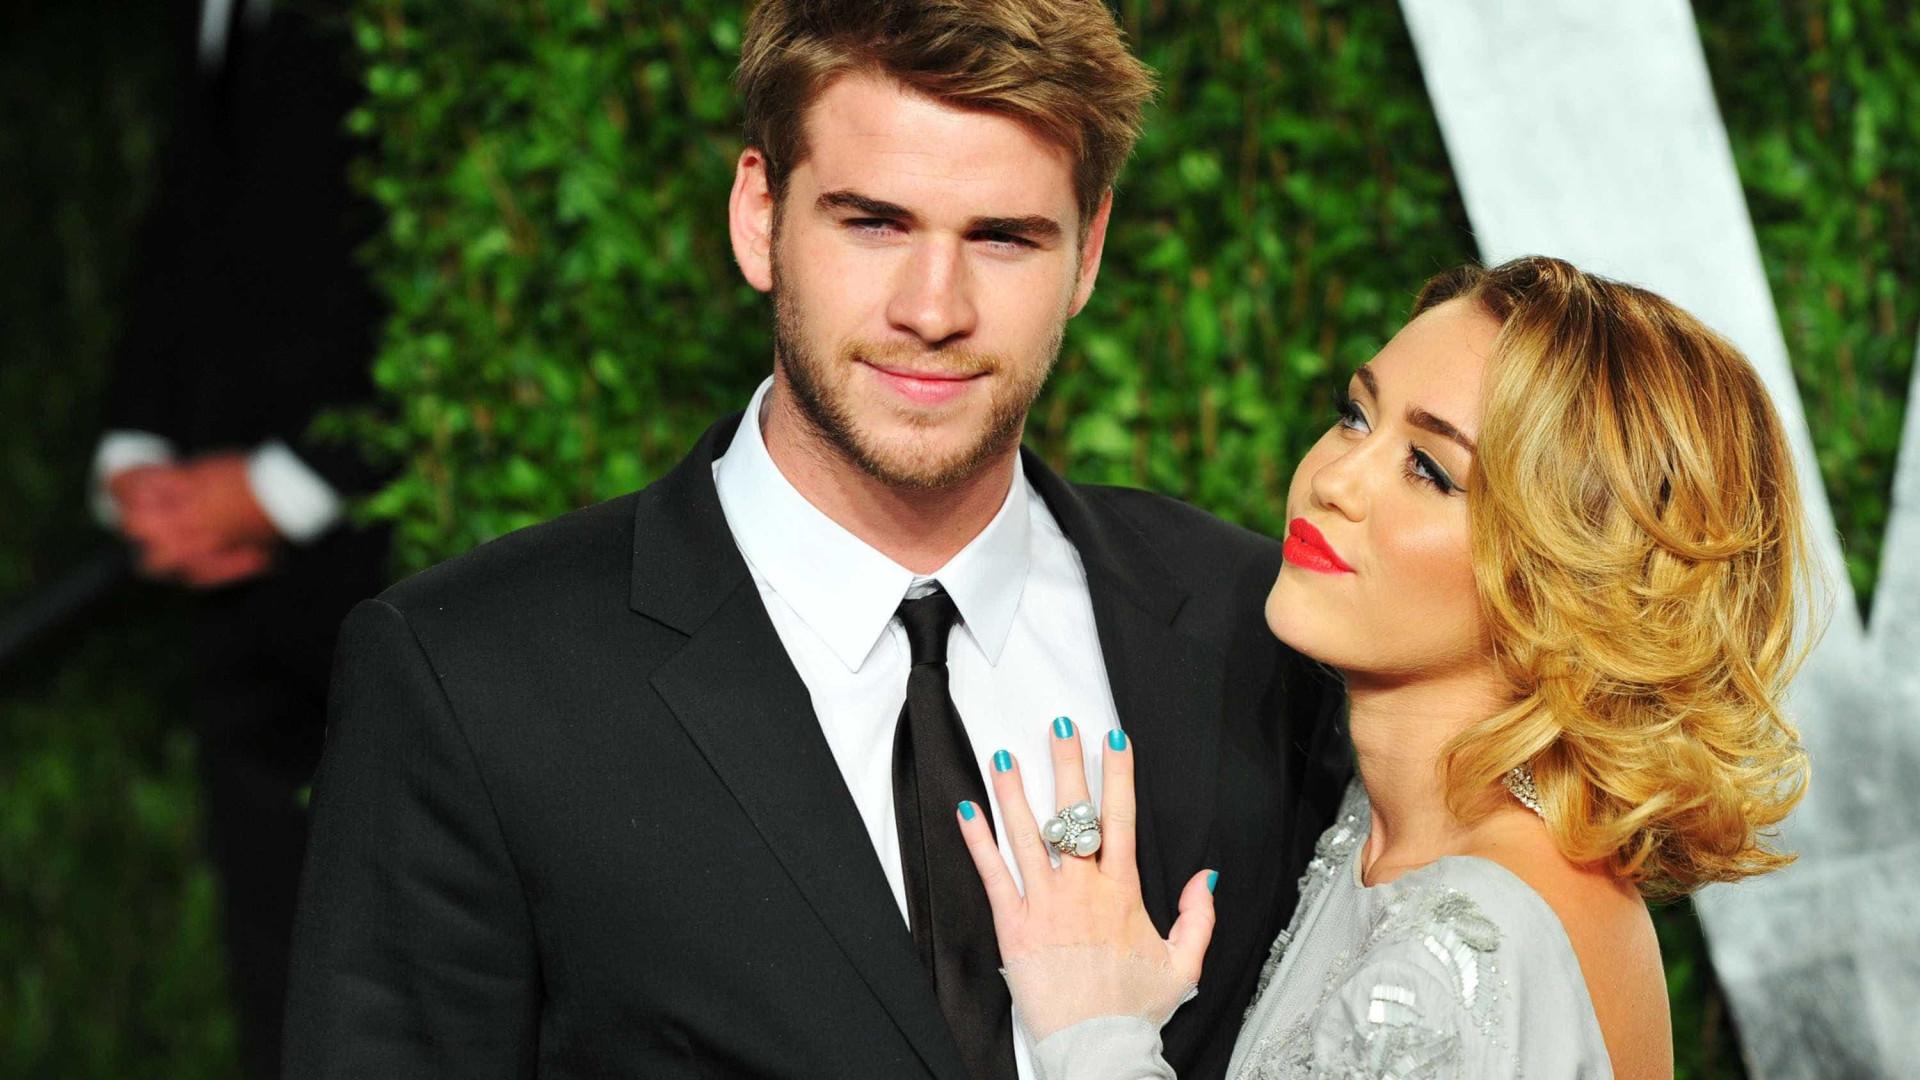 """Casada, Miley Cyrus diz: """"Continuo a sentir-me atraída por mulheres"""""""